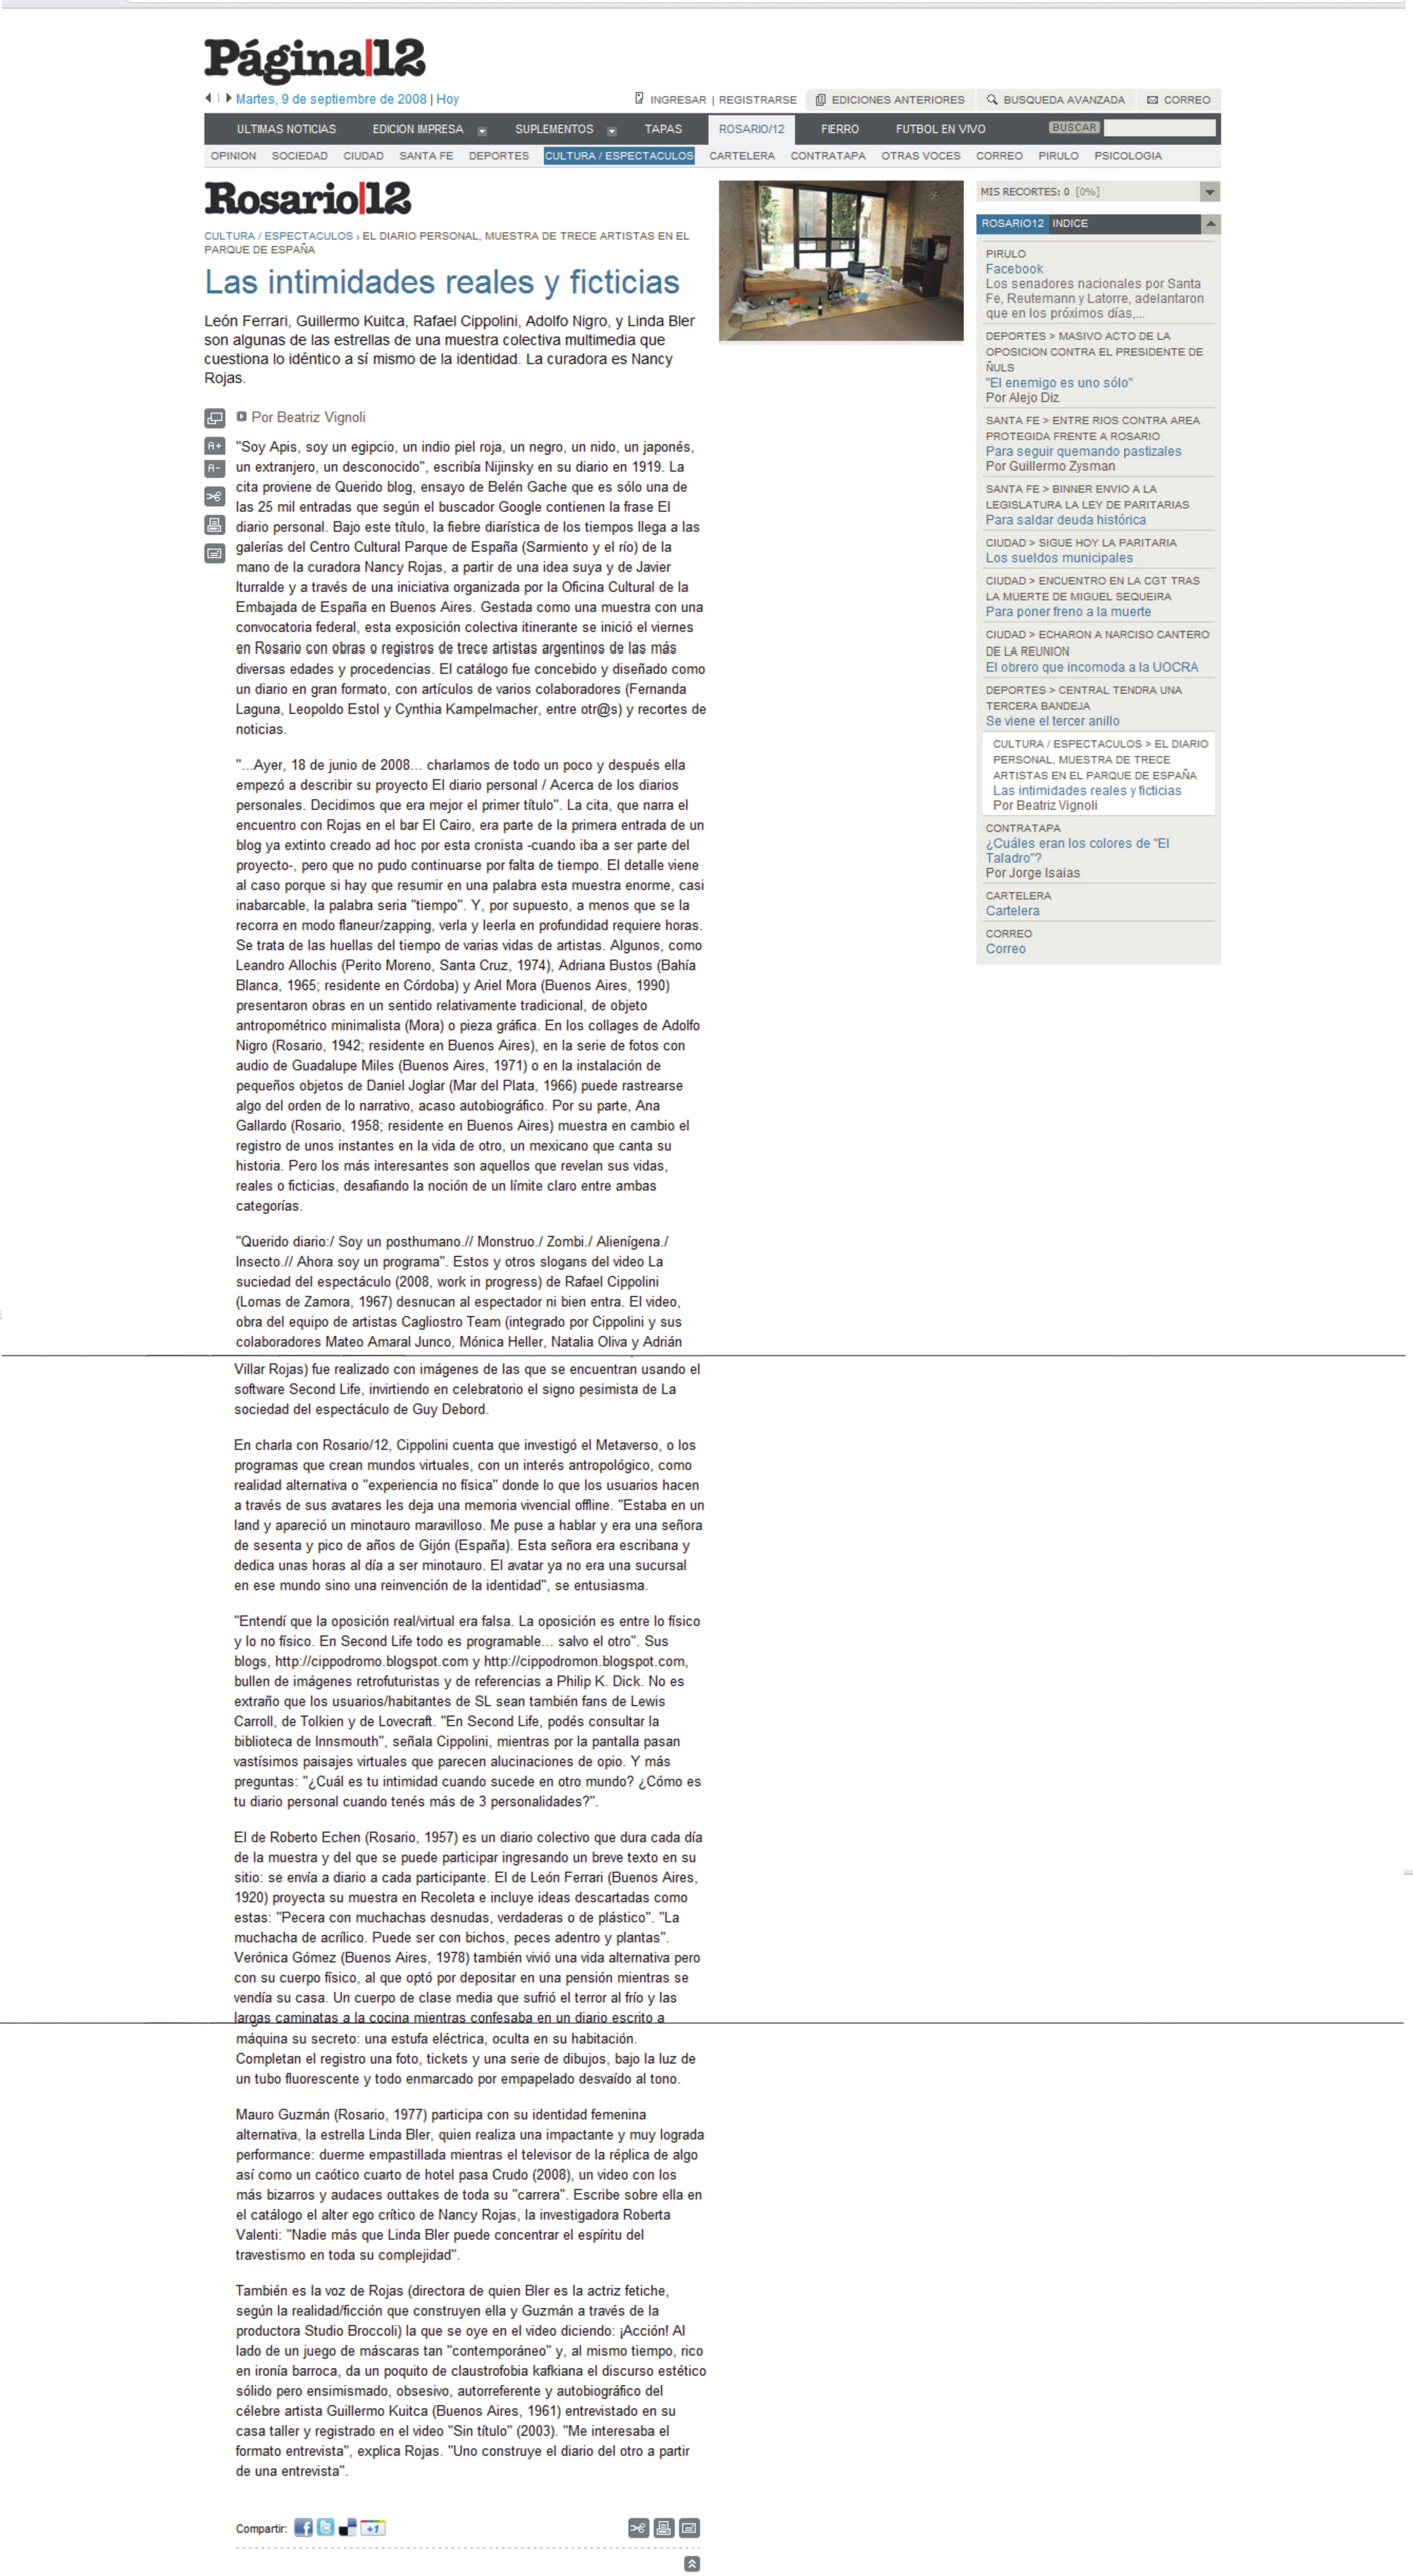 pagina12-9-de-septiembre-de-2008